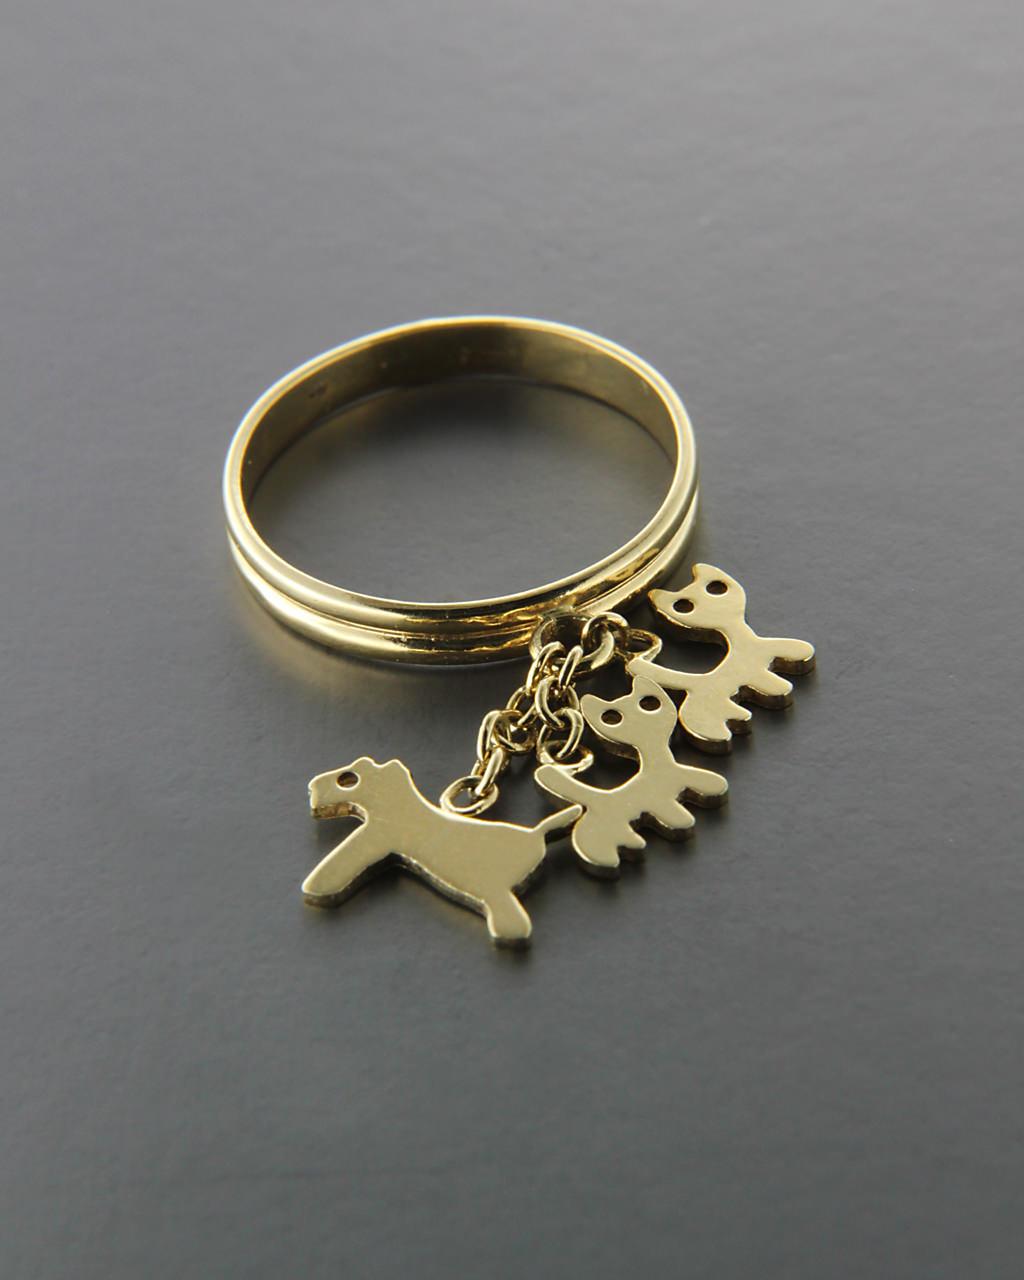 Παιδικό δαχτυλίδι 18Κ χρυσό   παιδι δαχτυλίδια παιδικά